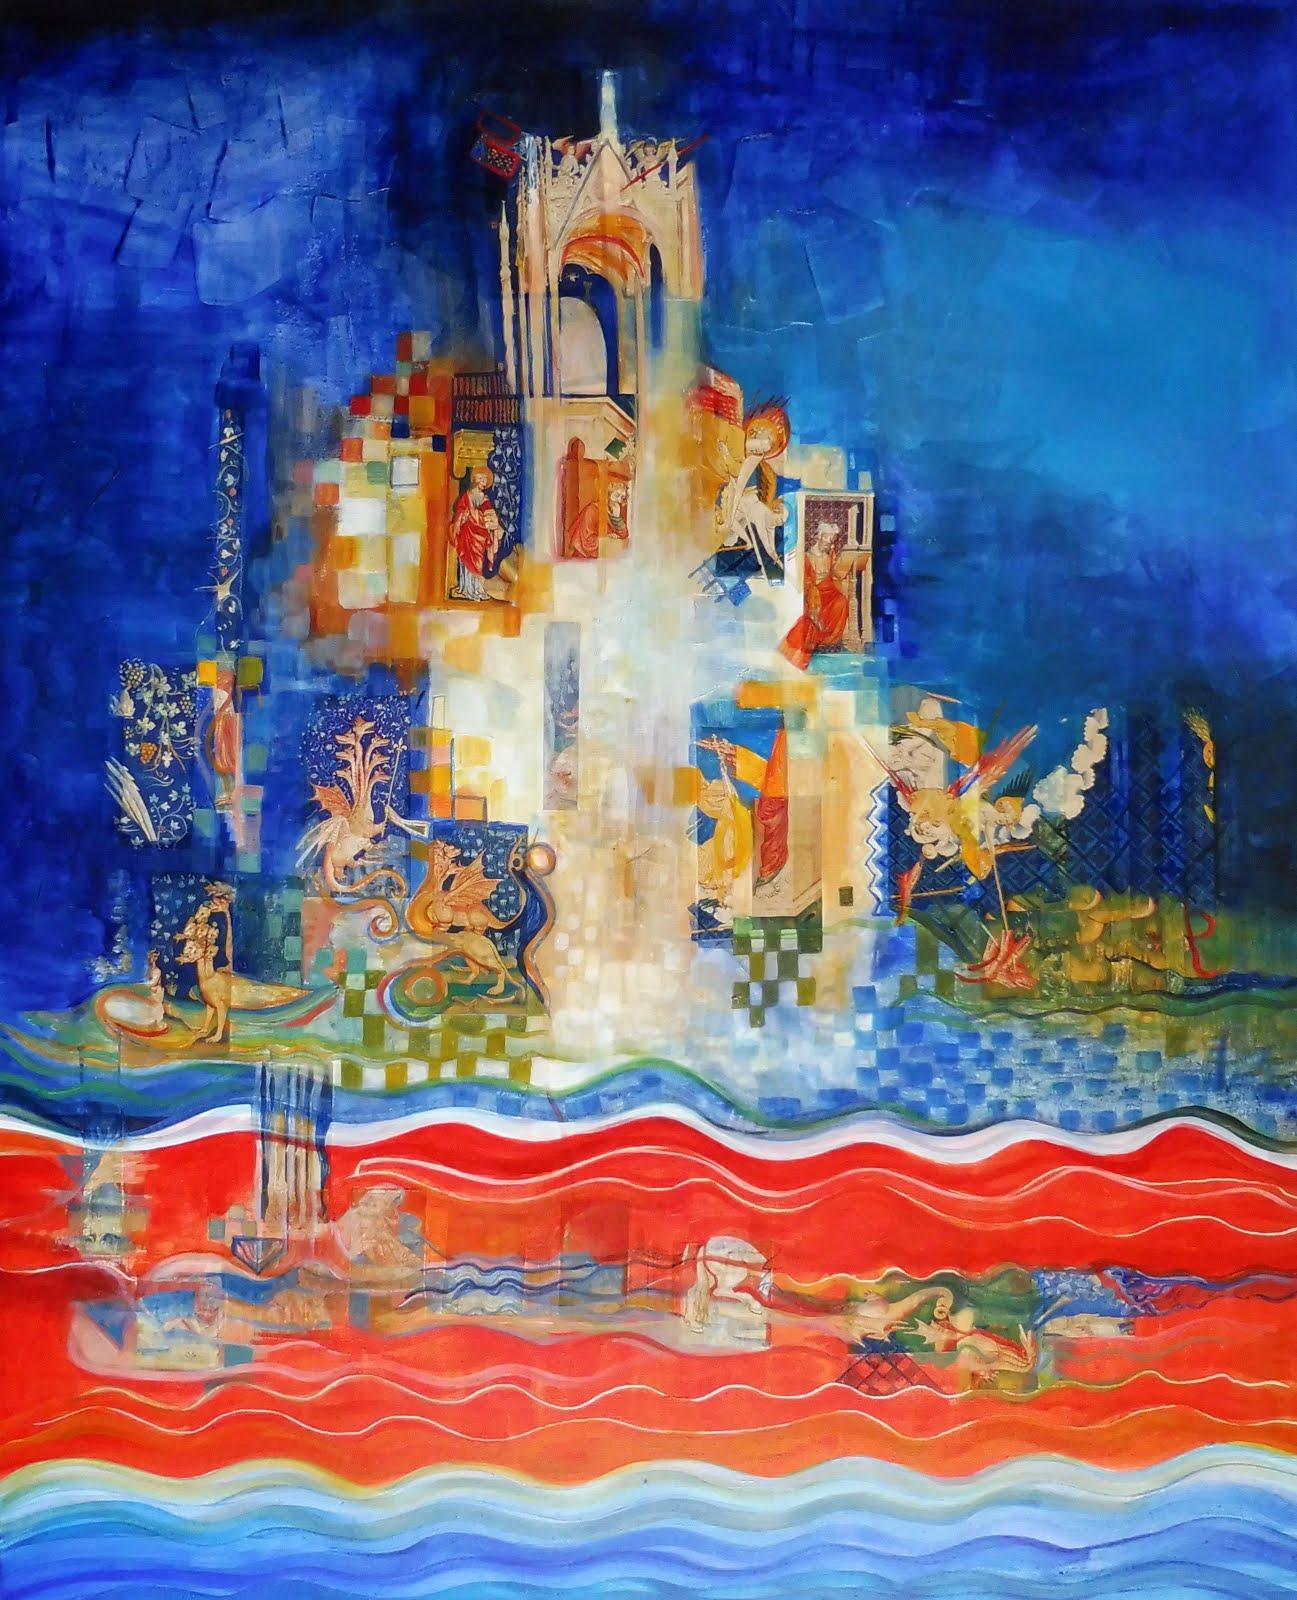 Les vagues de l'Apocalypse - 81 x 100 cm - 2019